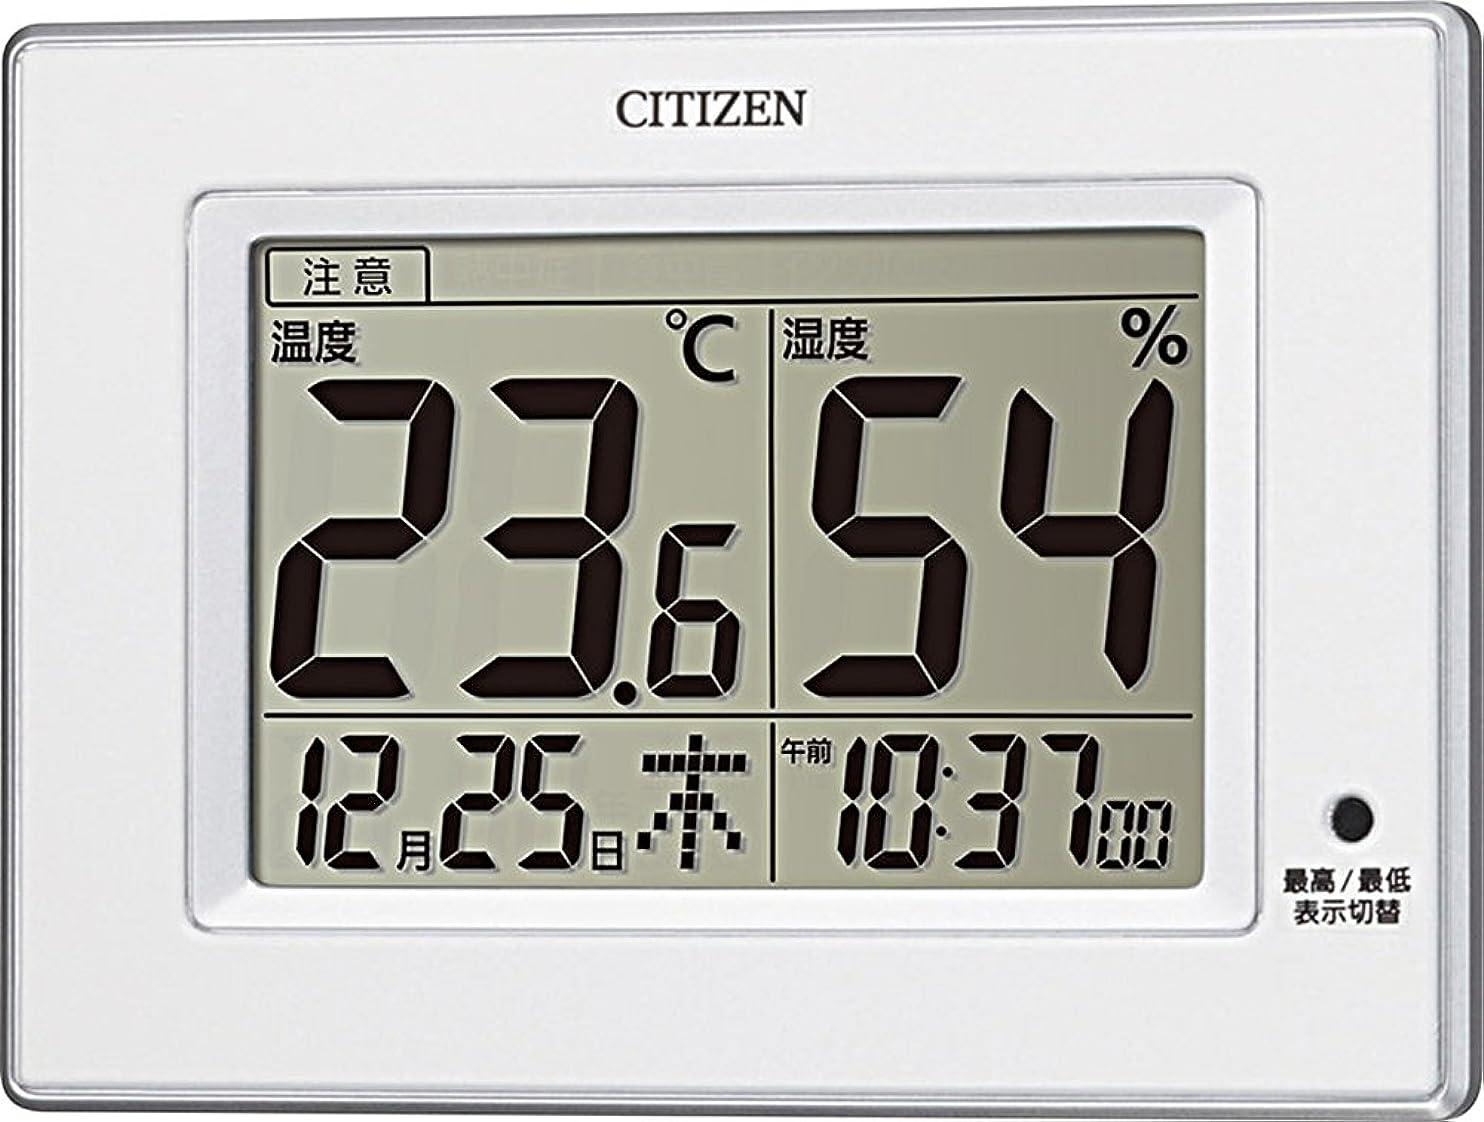 勉強するバー民主主義CITIZEN シチズン 温度計 湿度計 時計付き ライフナビD200A 白 8RD200-A03